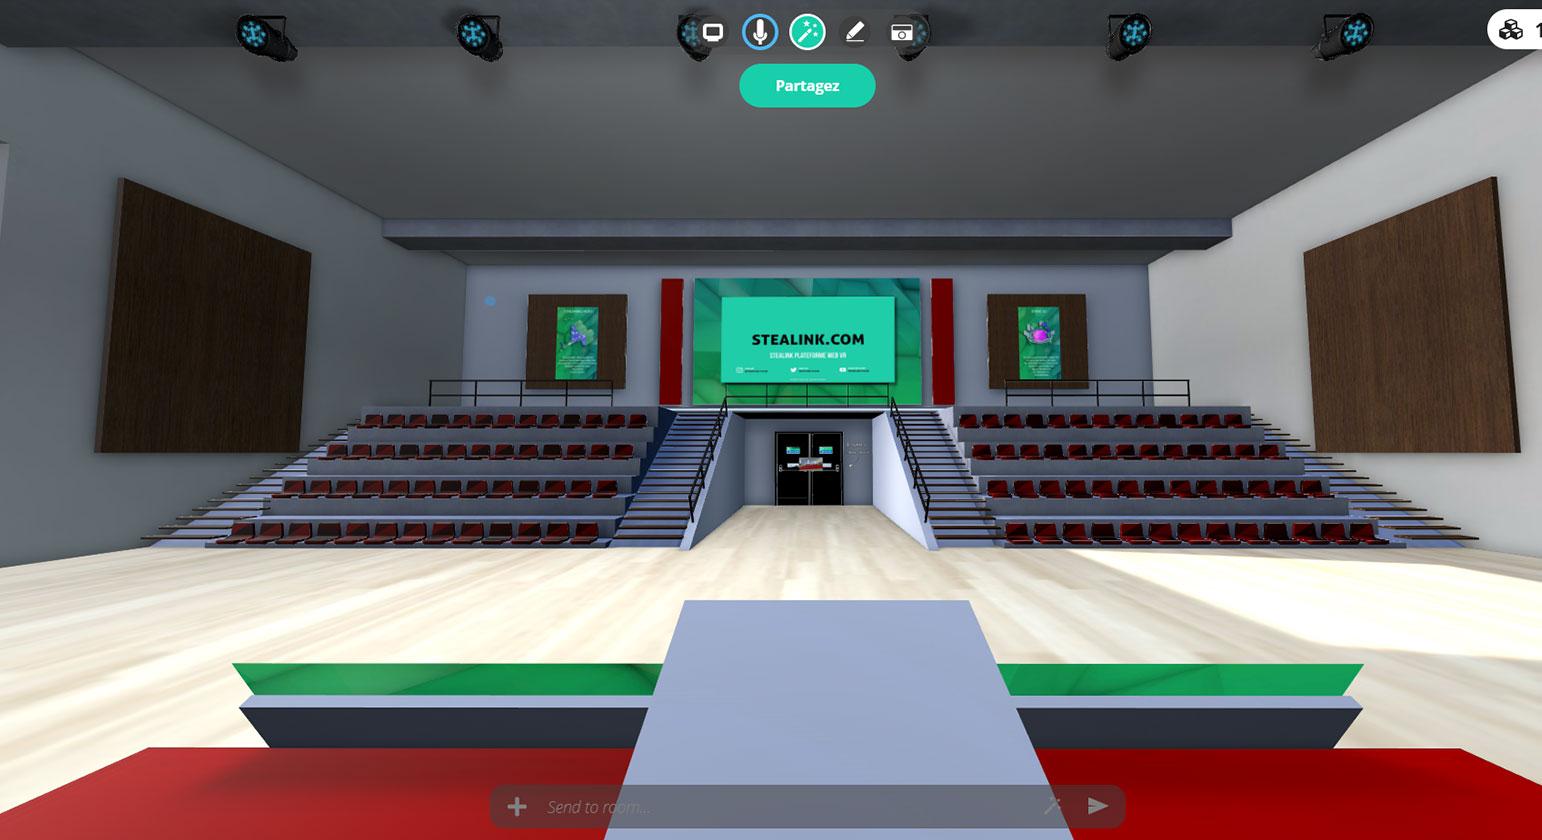 STEALINK.COM salle-de-conference-virtuelle Salle de réunion virtuelle, une alternative ludique